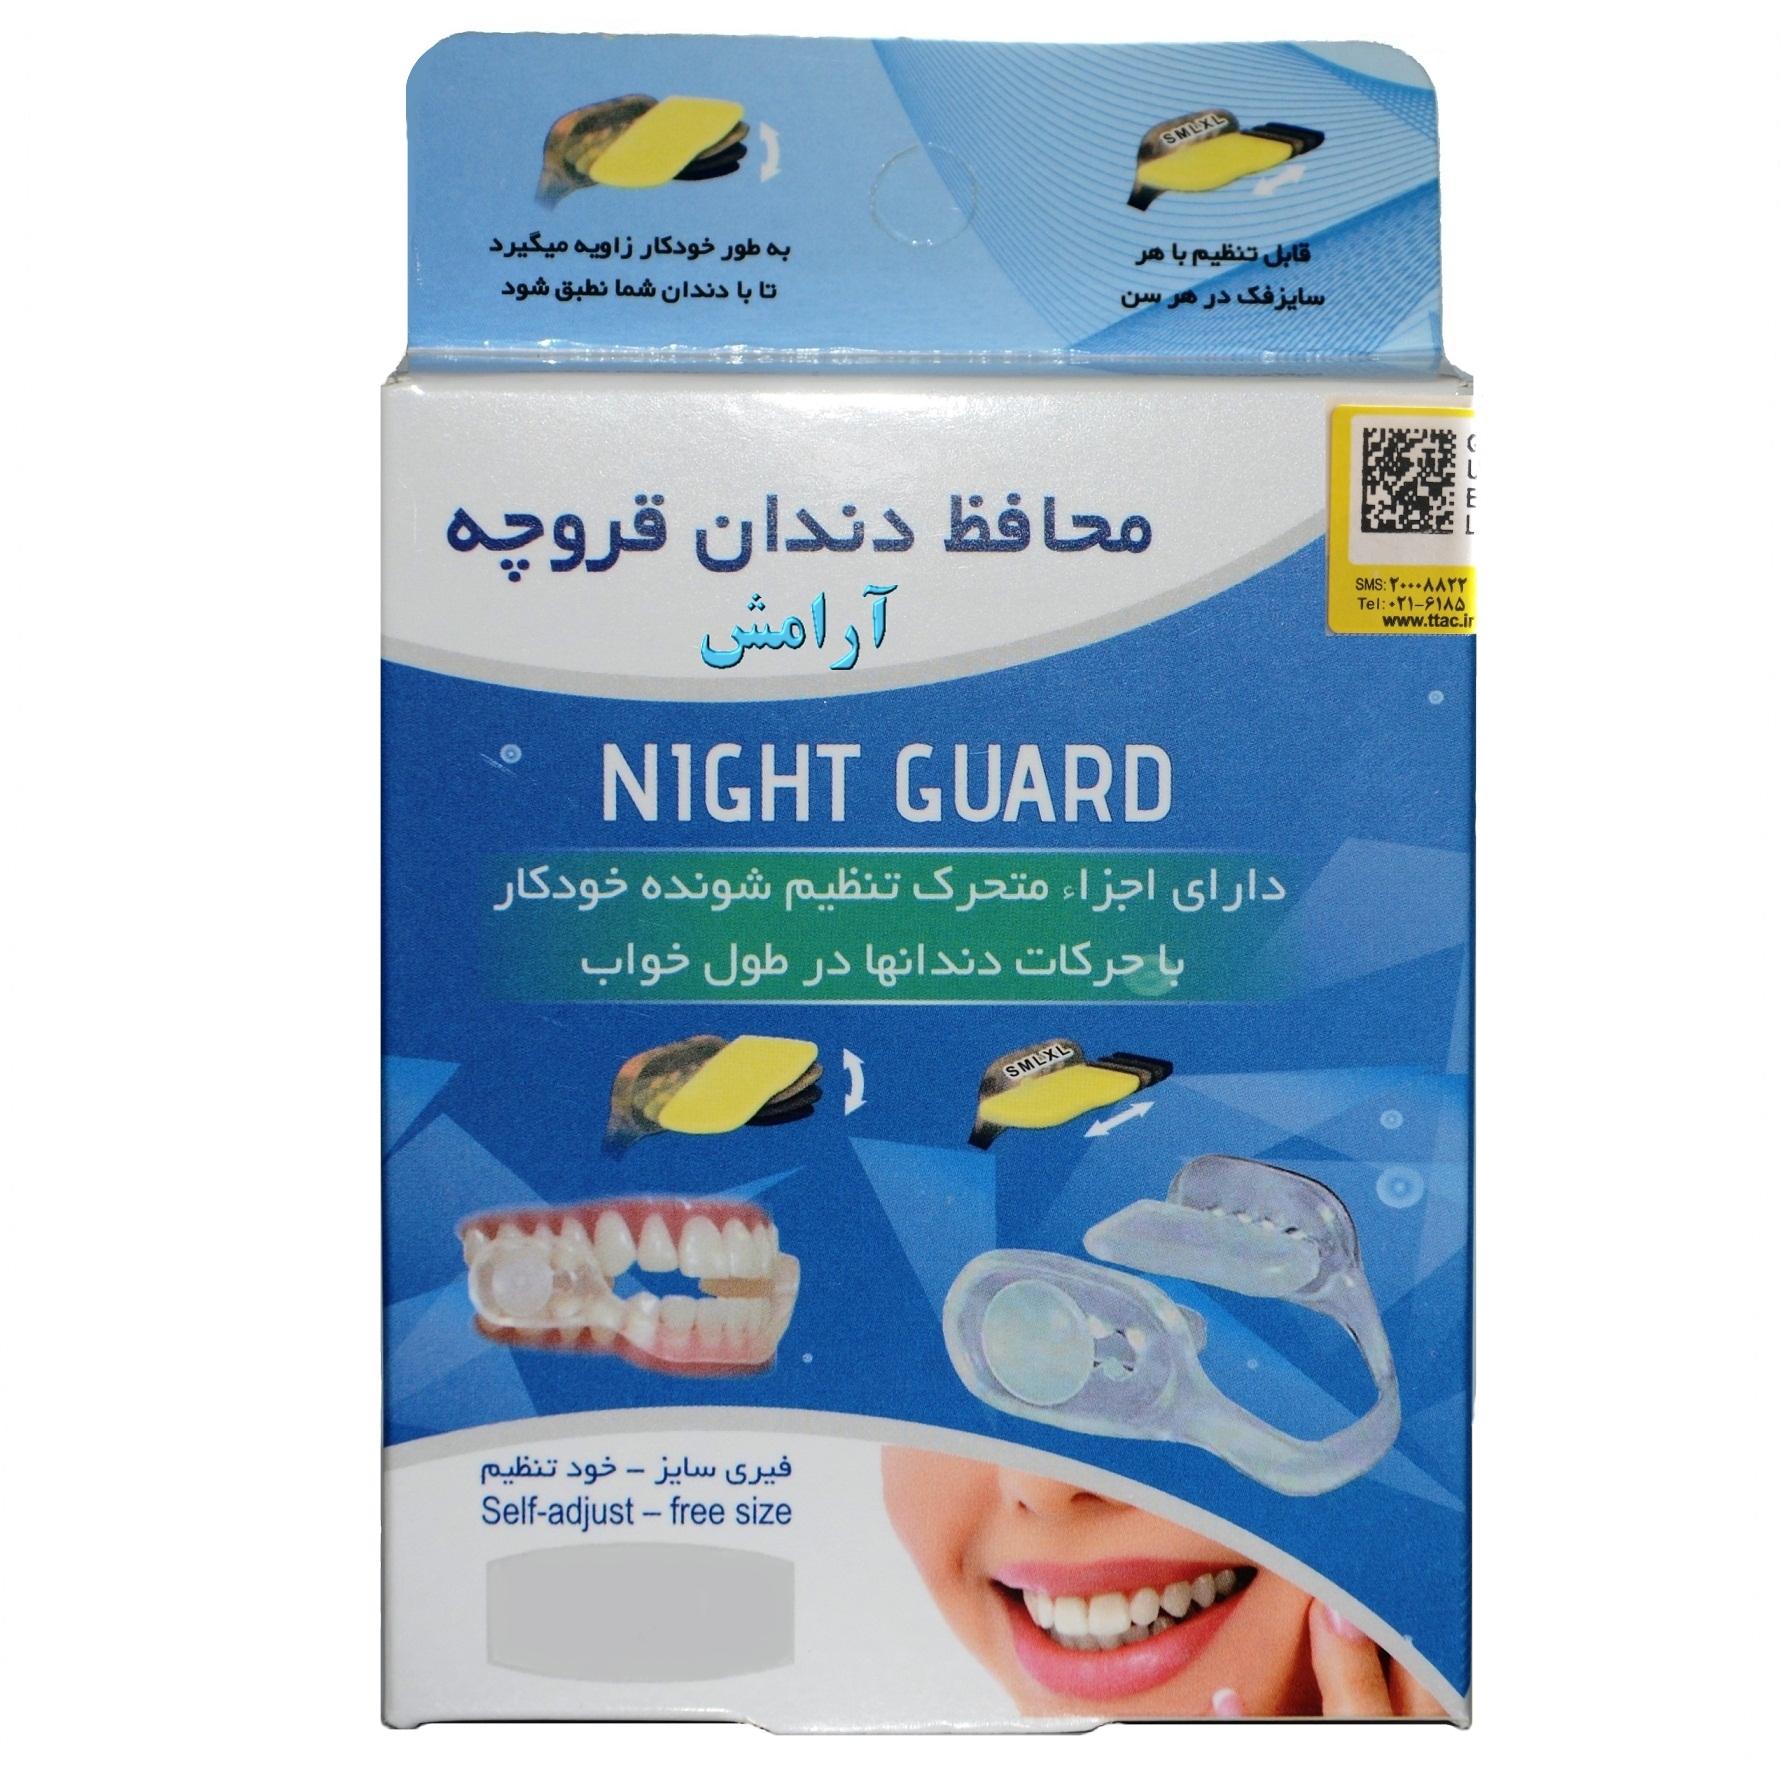 محافظ دندان قروچه نایت گارد مدل TK01